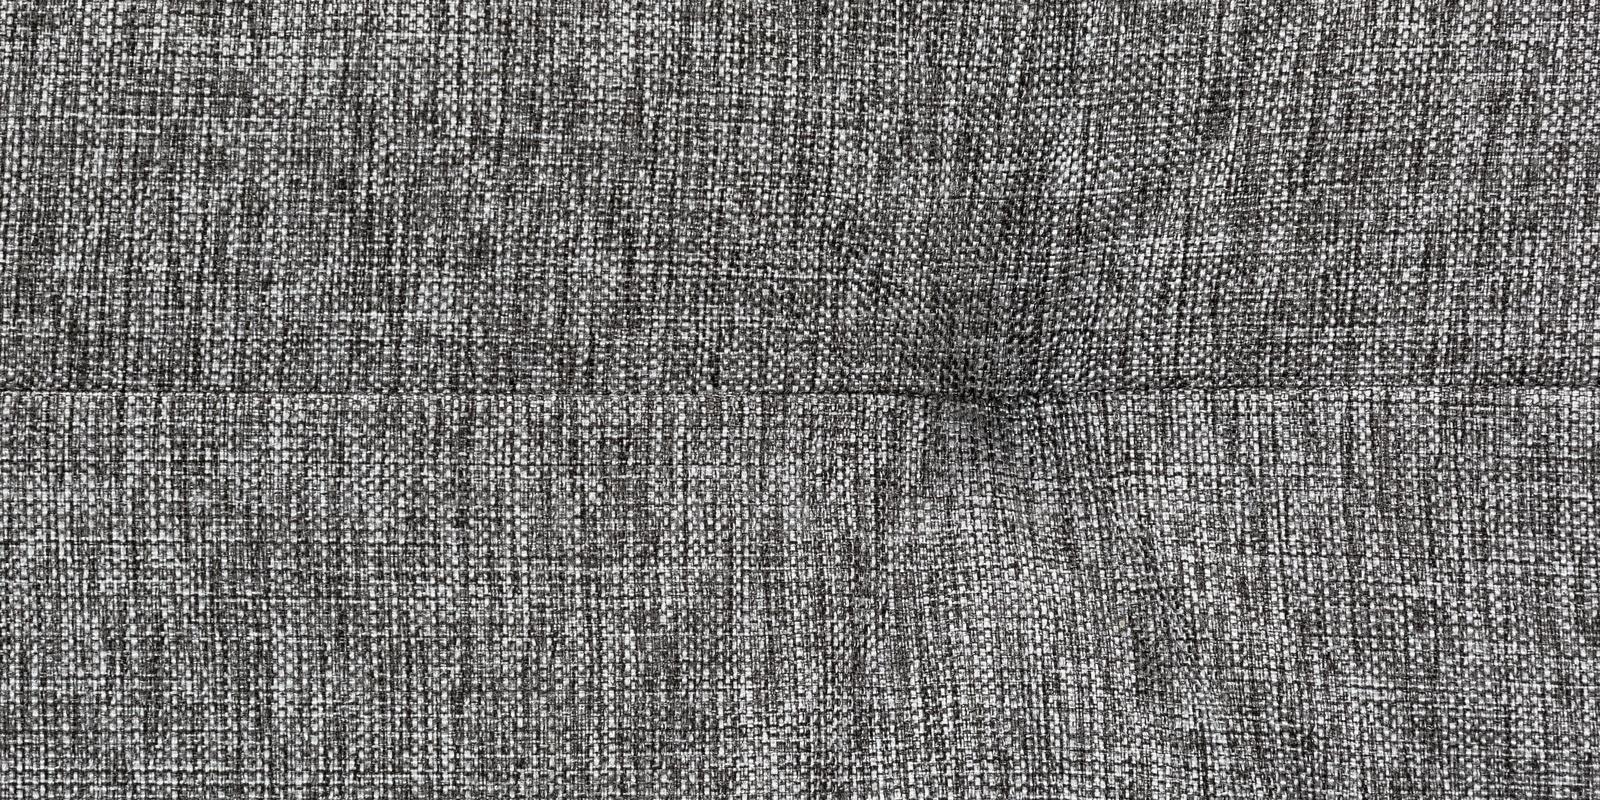 Диван прямой Амстердам рогожка серый фото 7 | интернет-магазин Складно